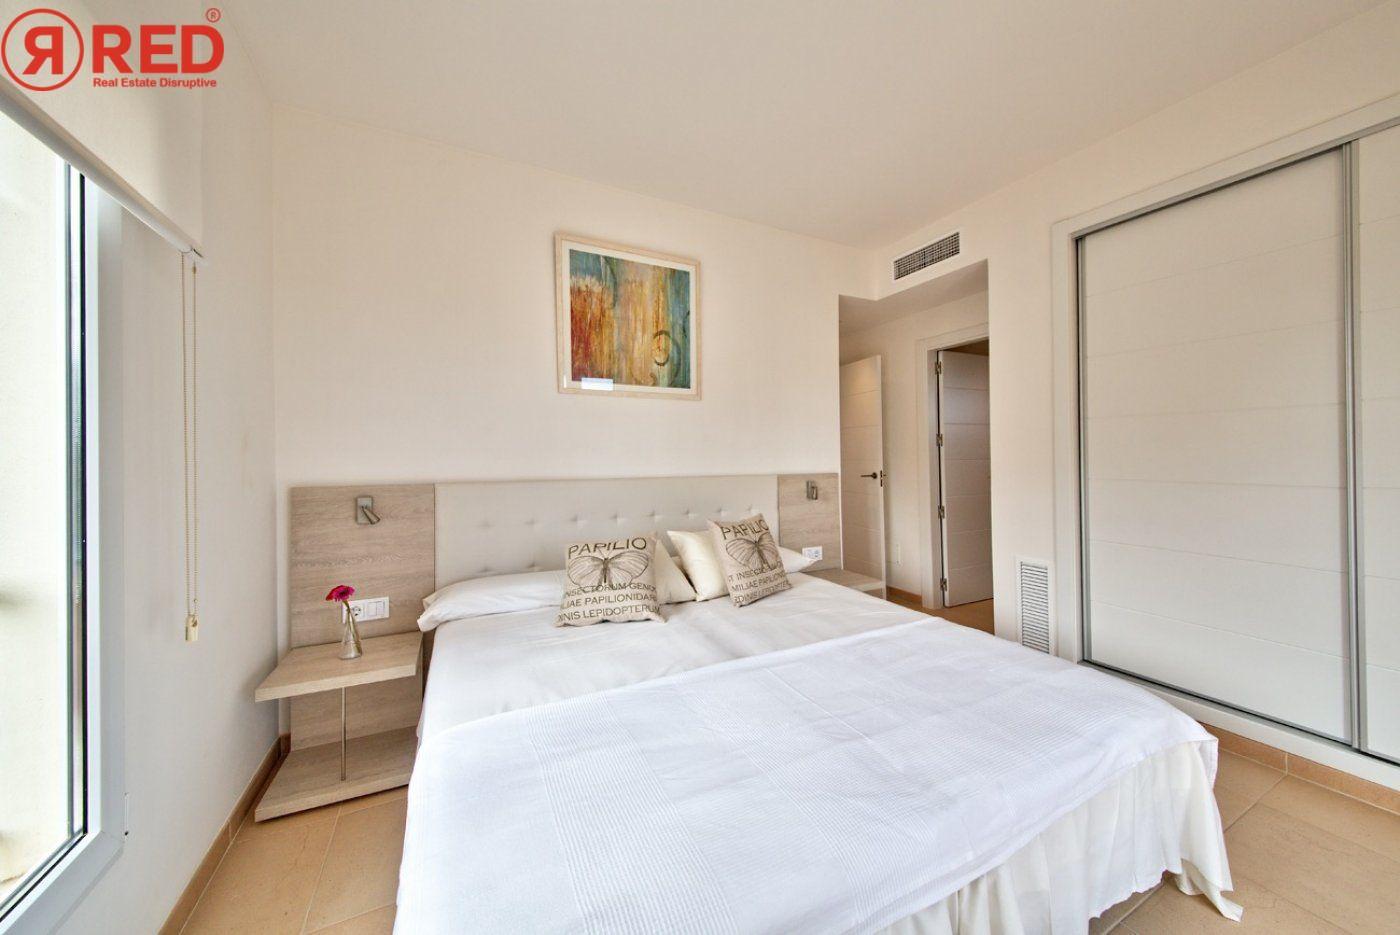 Se vende exclusivas viviendas de lujo en mallorca - imagenInmueble14